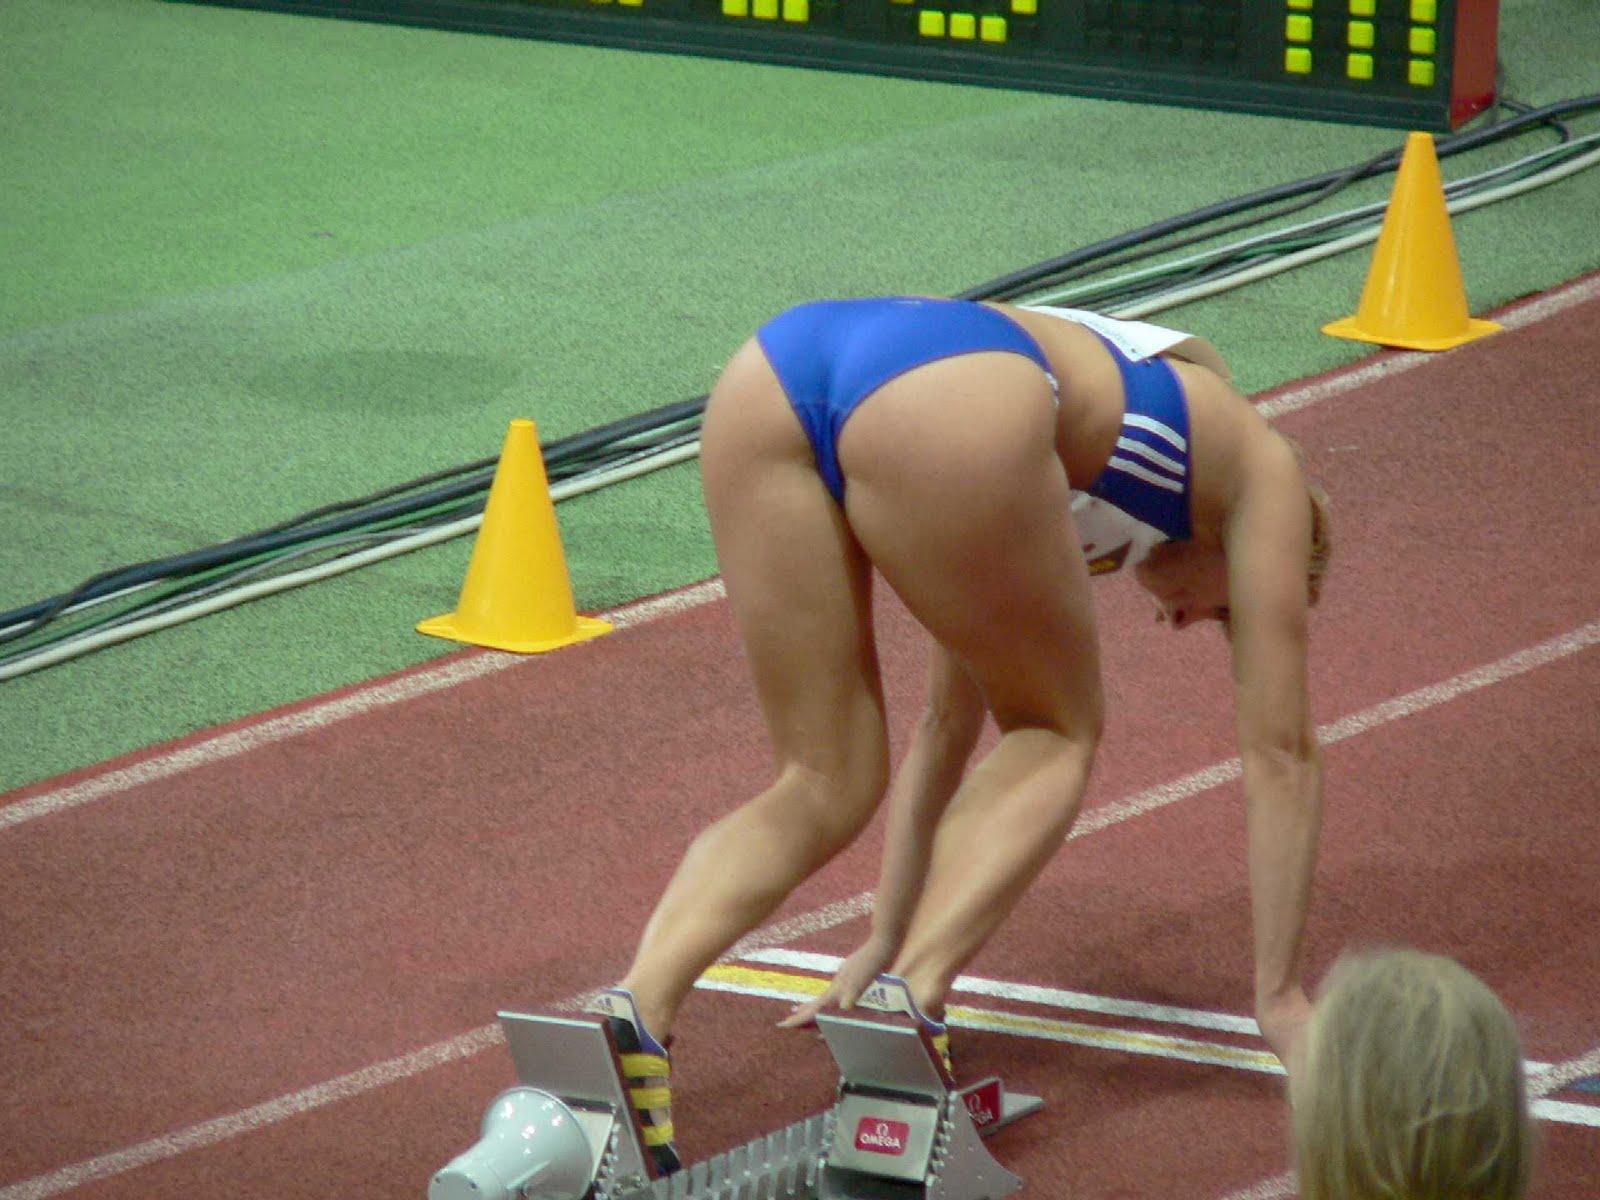 Сексуальный спорт смотреть онлайн 9 фотография